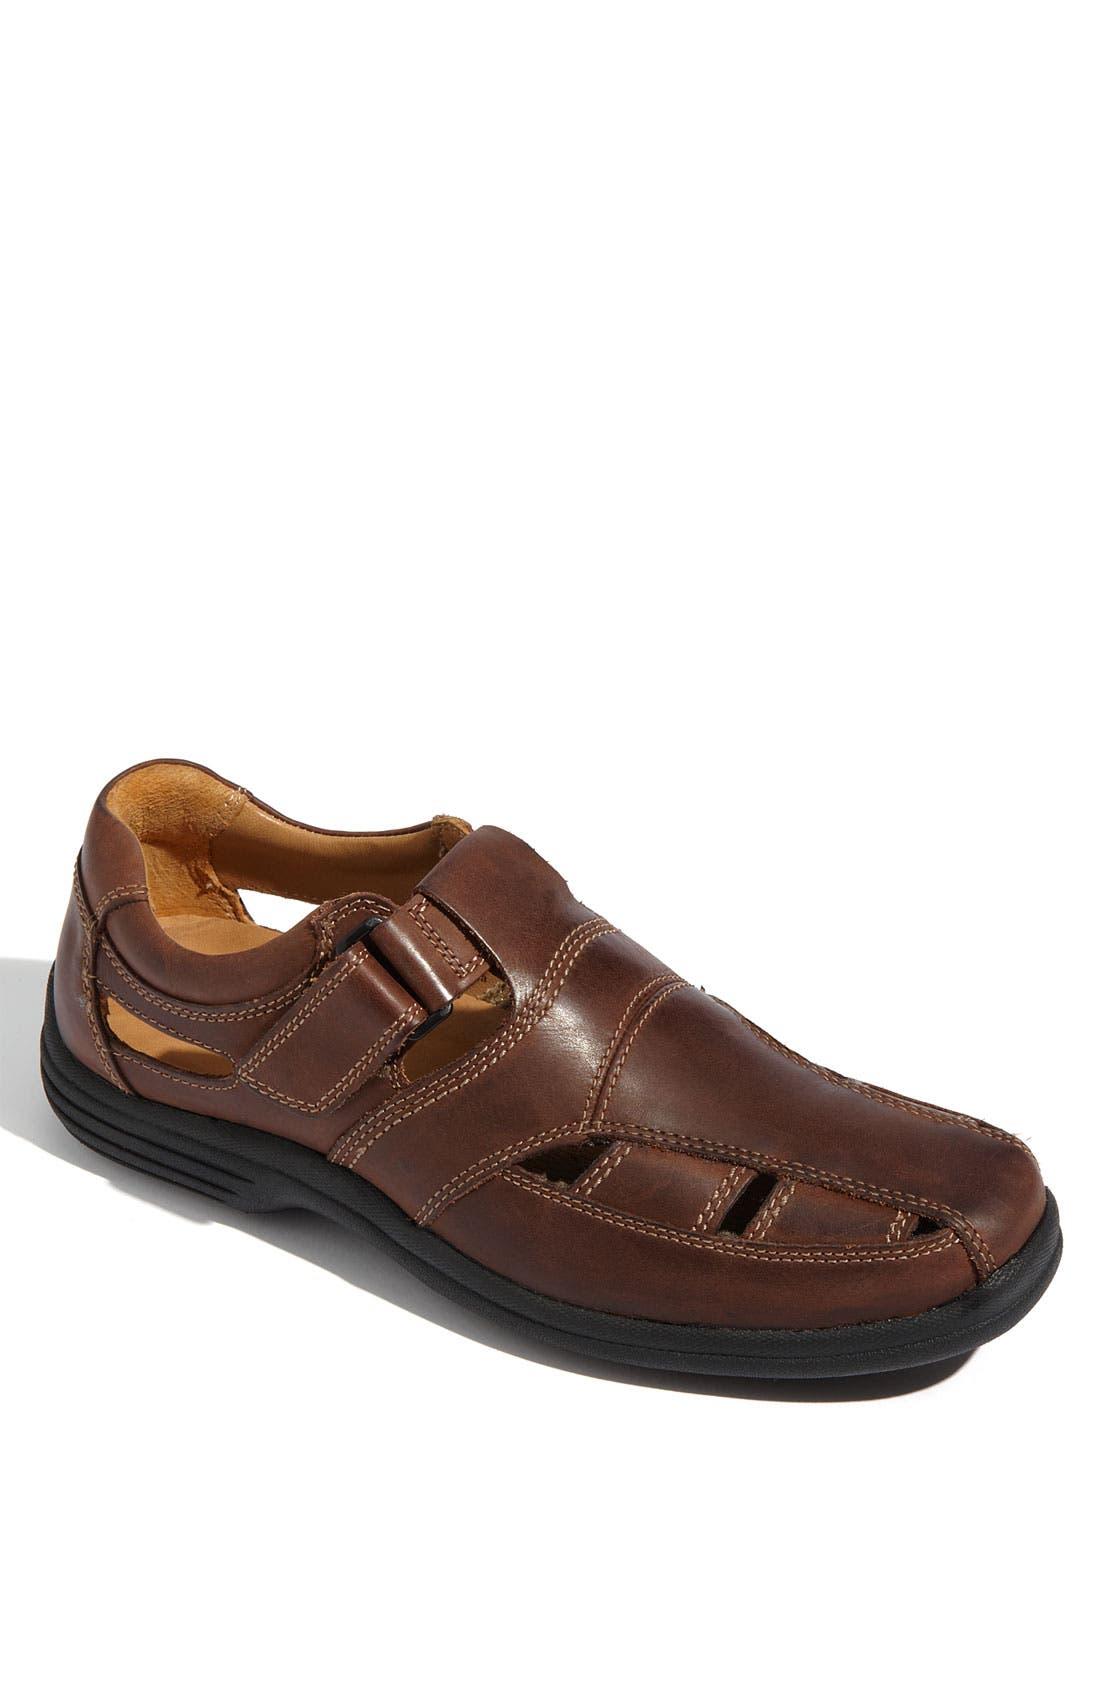 Alternate Image 1 Selected - Johnston & Murphy 'Cammon' Sandal (Online Only)